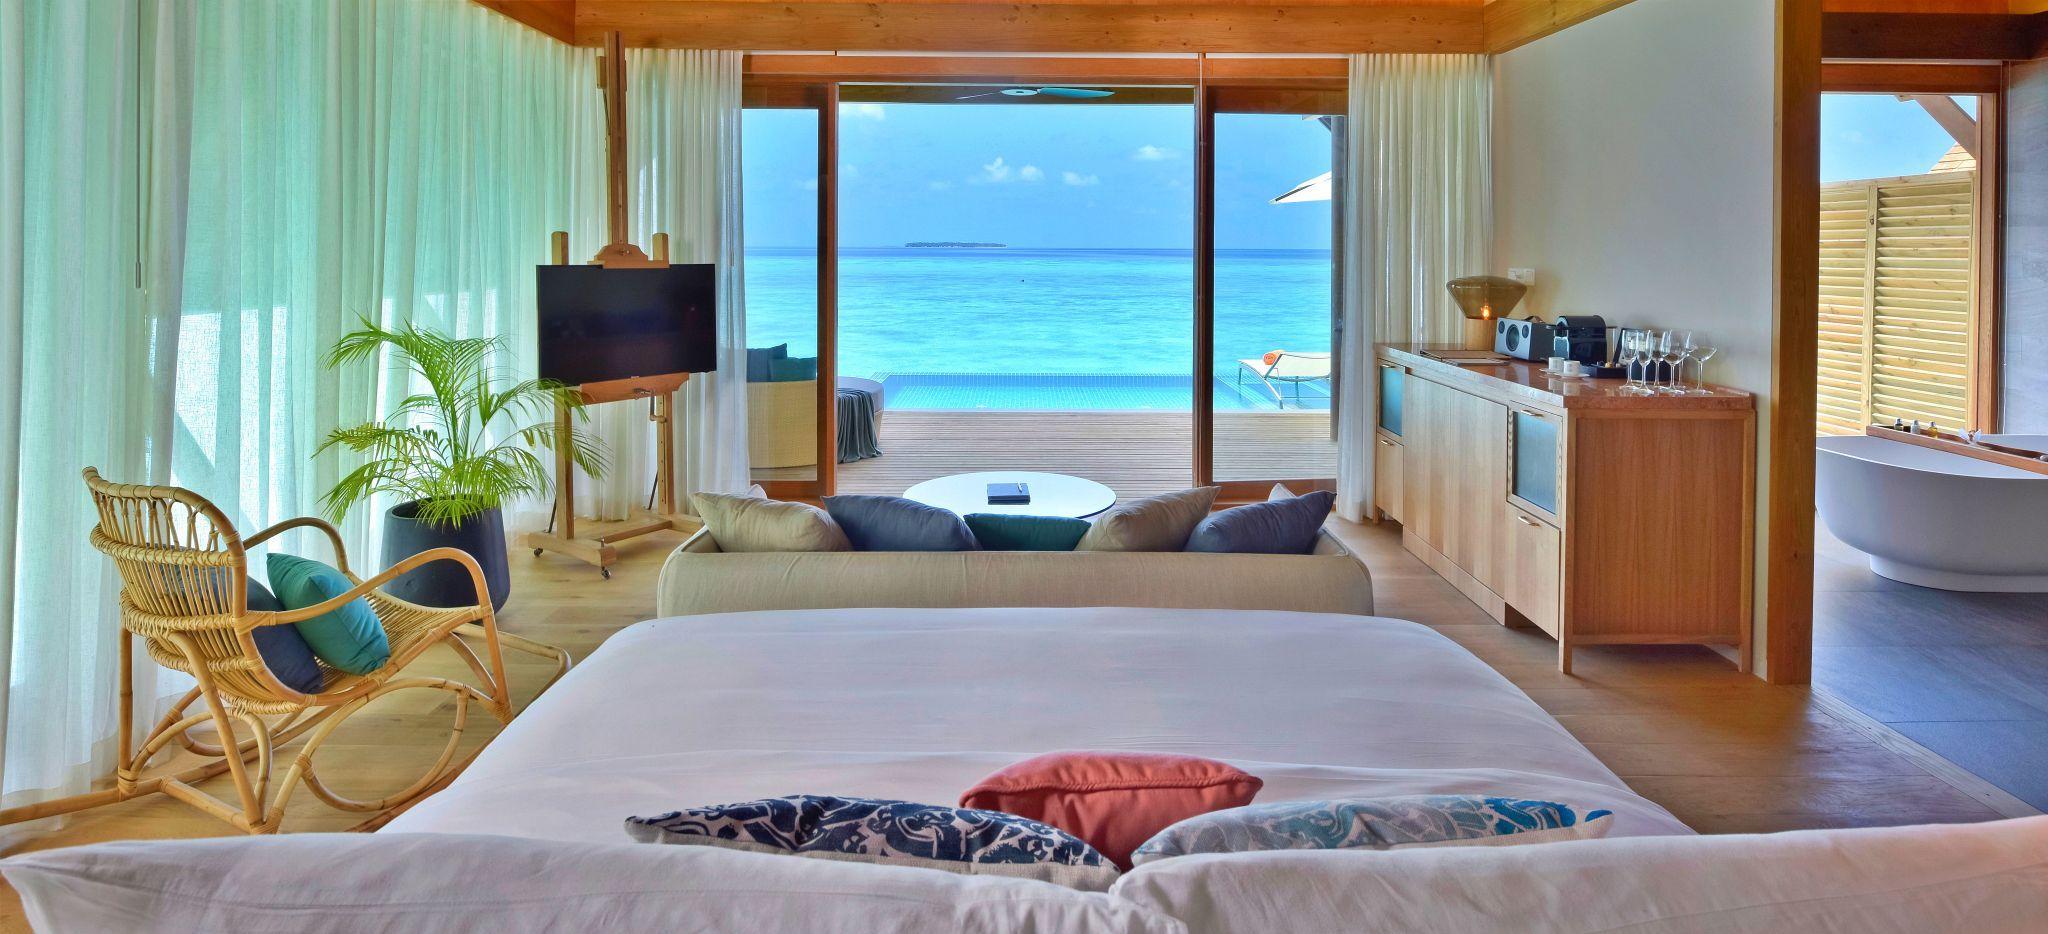 Bett mit Blick auf das Meer in einem Hotelzimmer des Hotels Faarufushi Maldives, auf den Malediven